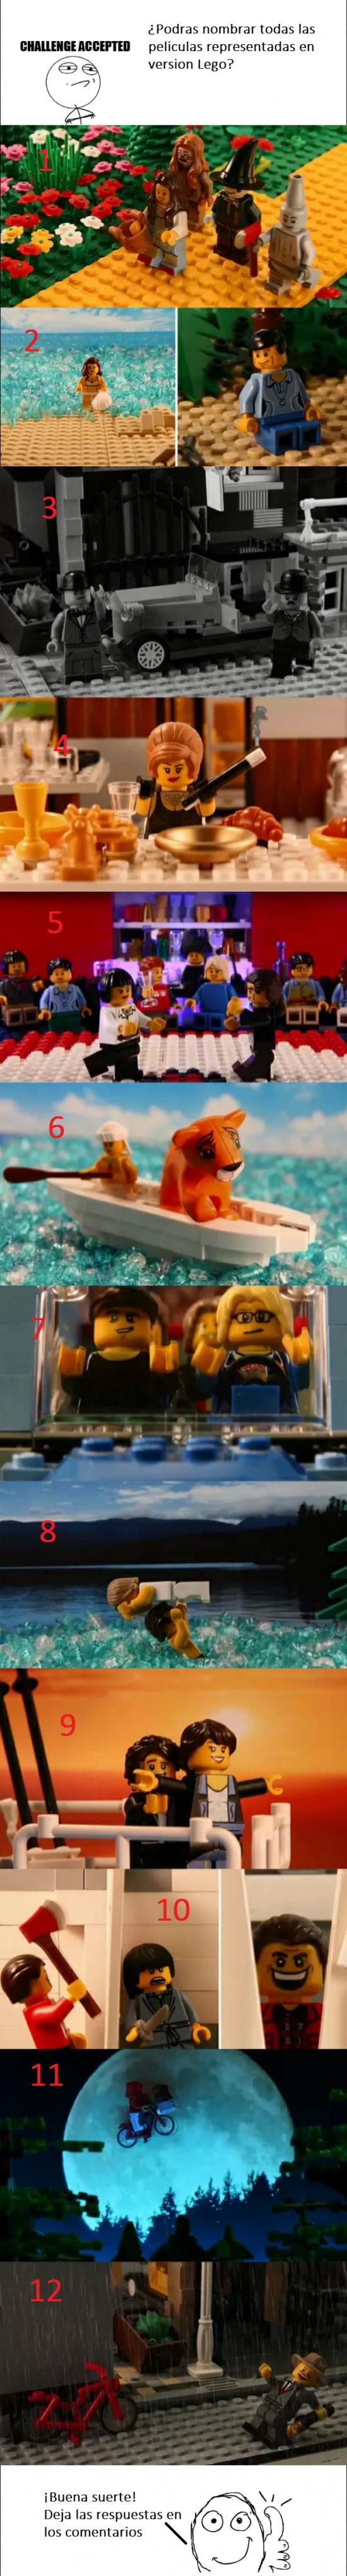 Otros - Escenas míticas de peliculas recreadas en LEGO, ¿podrás nombrarlas todas?